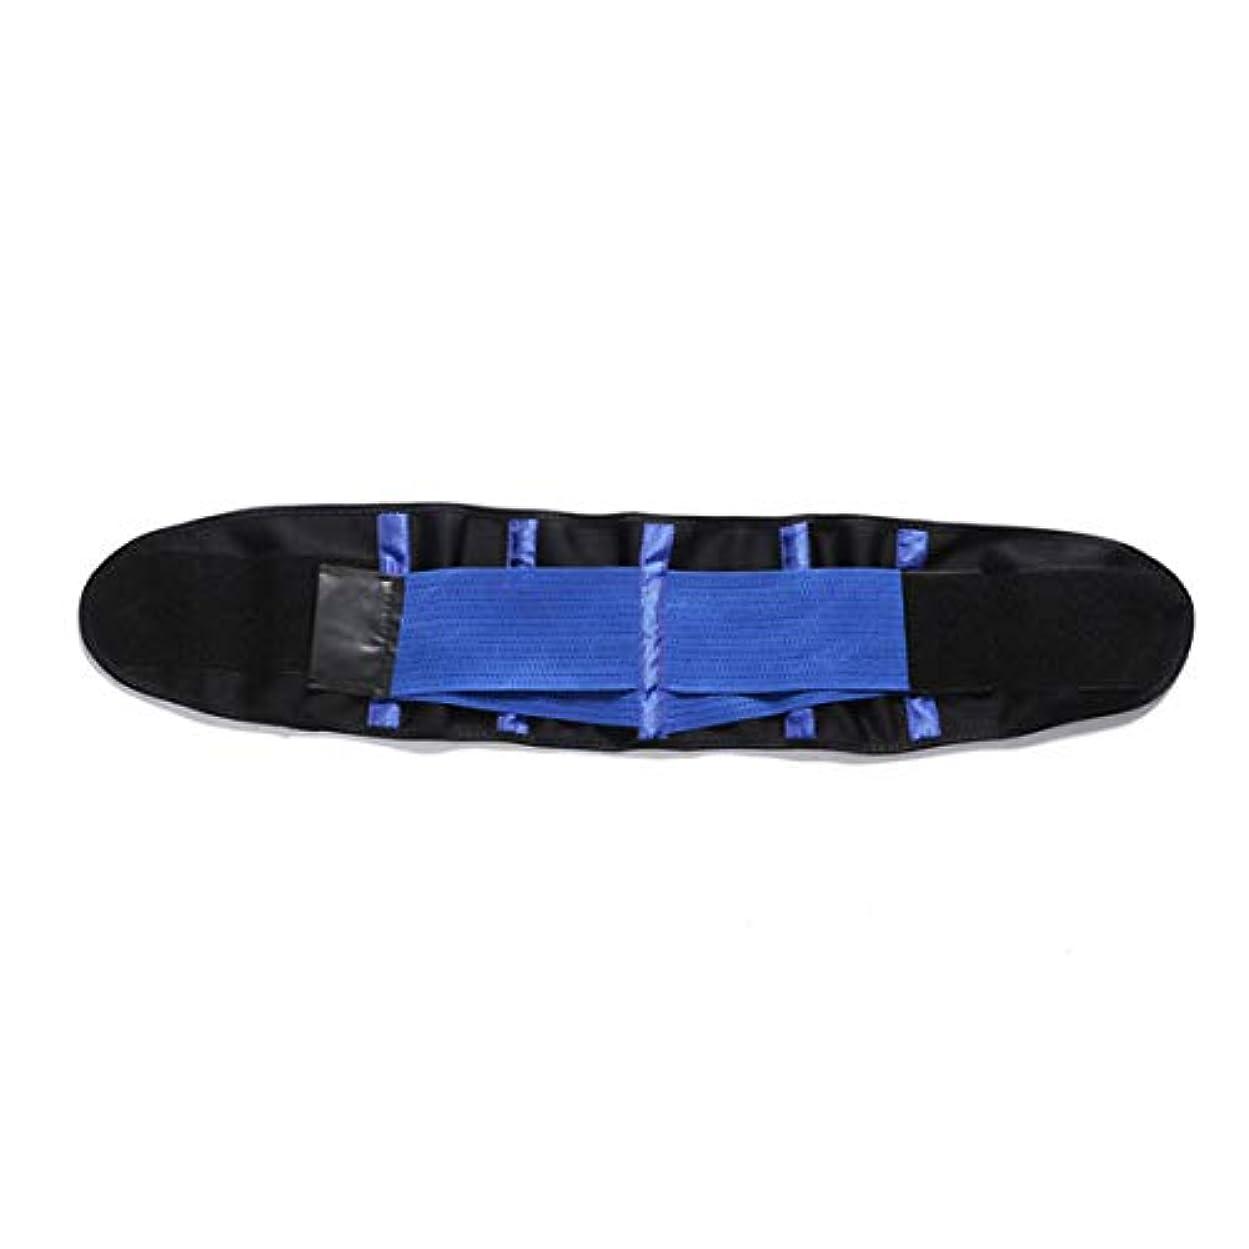 いちゃつく降ろす昇進Intercorey Lady's Belt調節可能なガードルボディシェイプの服脂肪燃焼ウエストシールウエストプロテクションステレオタイプチェストサポート